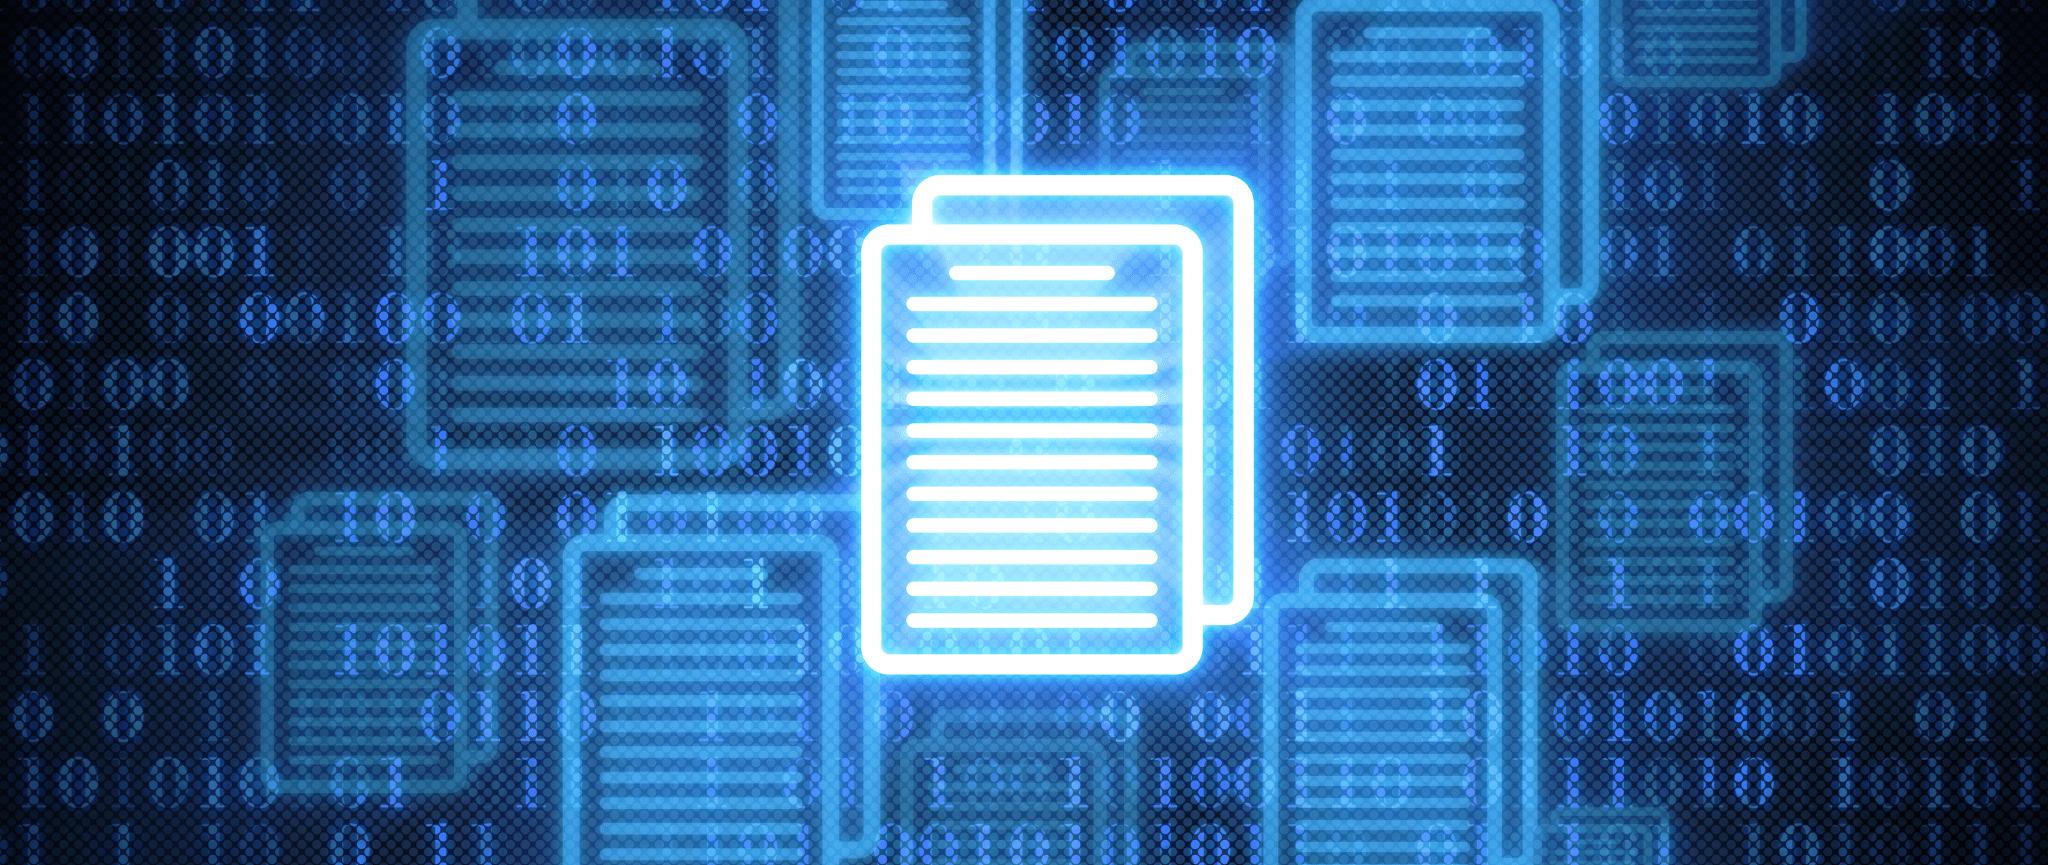 Une interprétation graphique d'un fichier électronique avec les chiffres 1 et 0 à l'arrière-plan